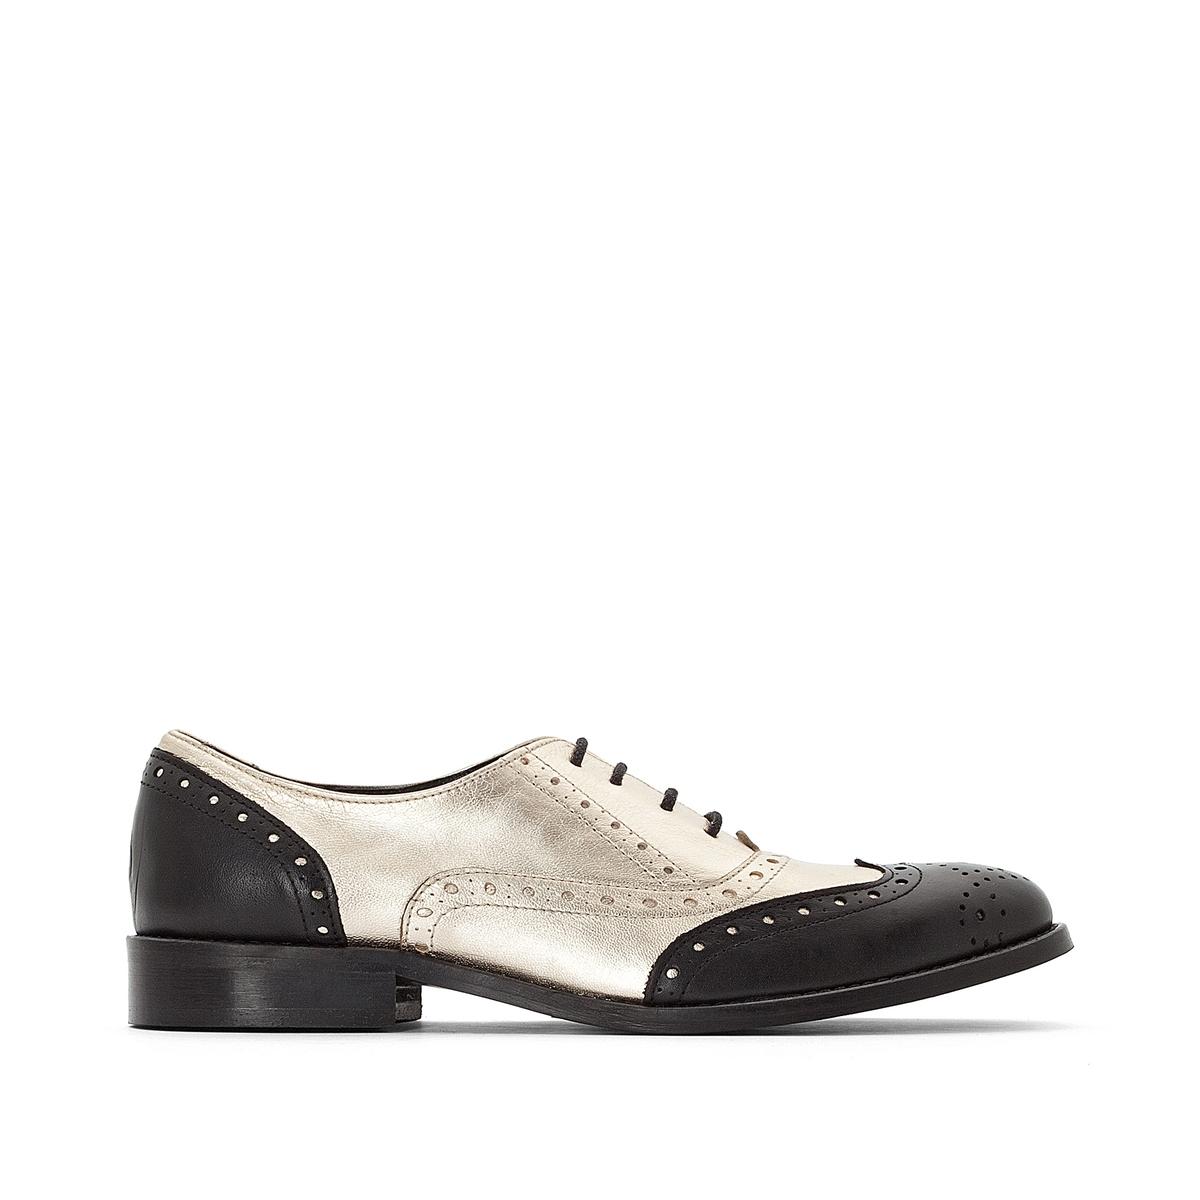 Ботинки дерби кожаные из двух материалов с цветочным узором